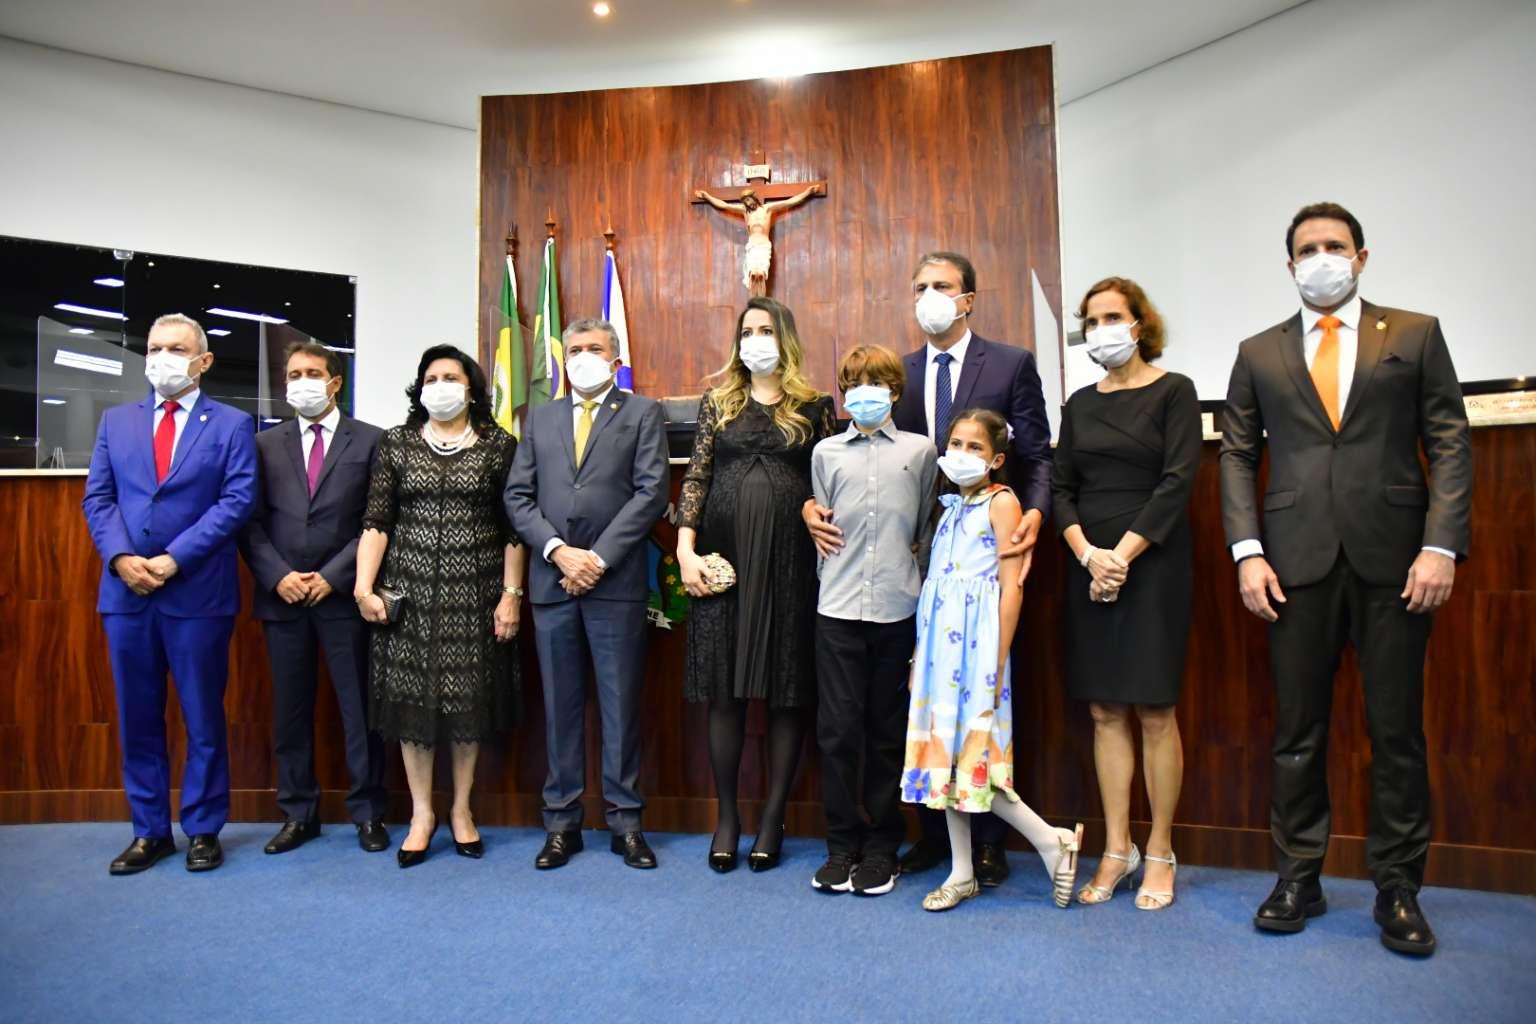 Primeira-dama Onélia Santana recebe título de cidadã de Fortaleza em reconhecimento ao trabalho voltado para a infância